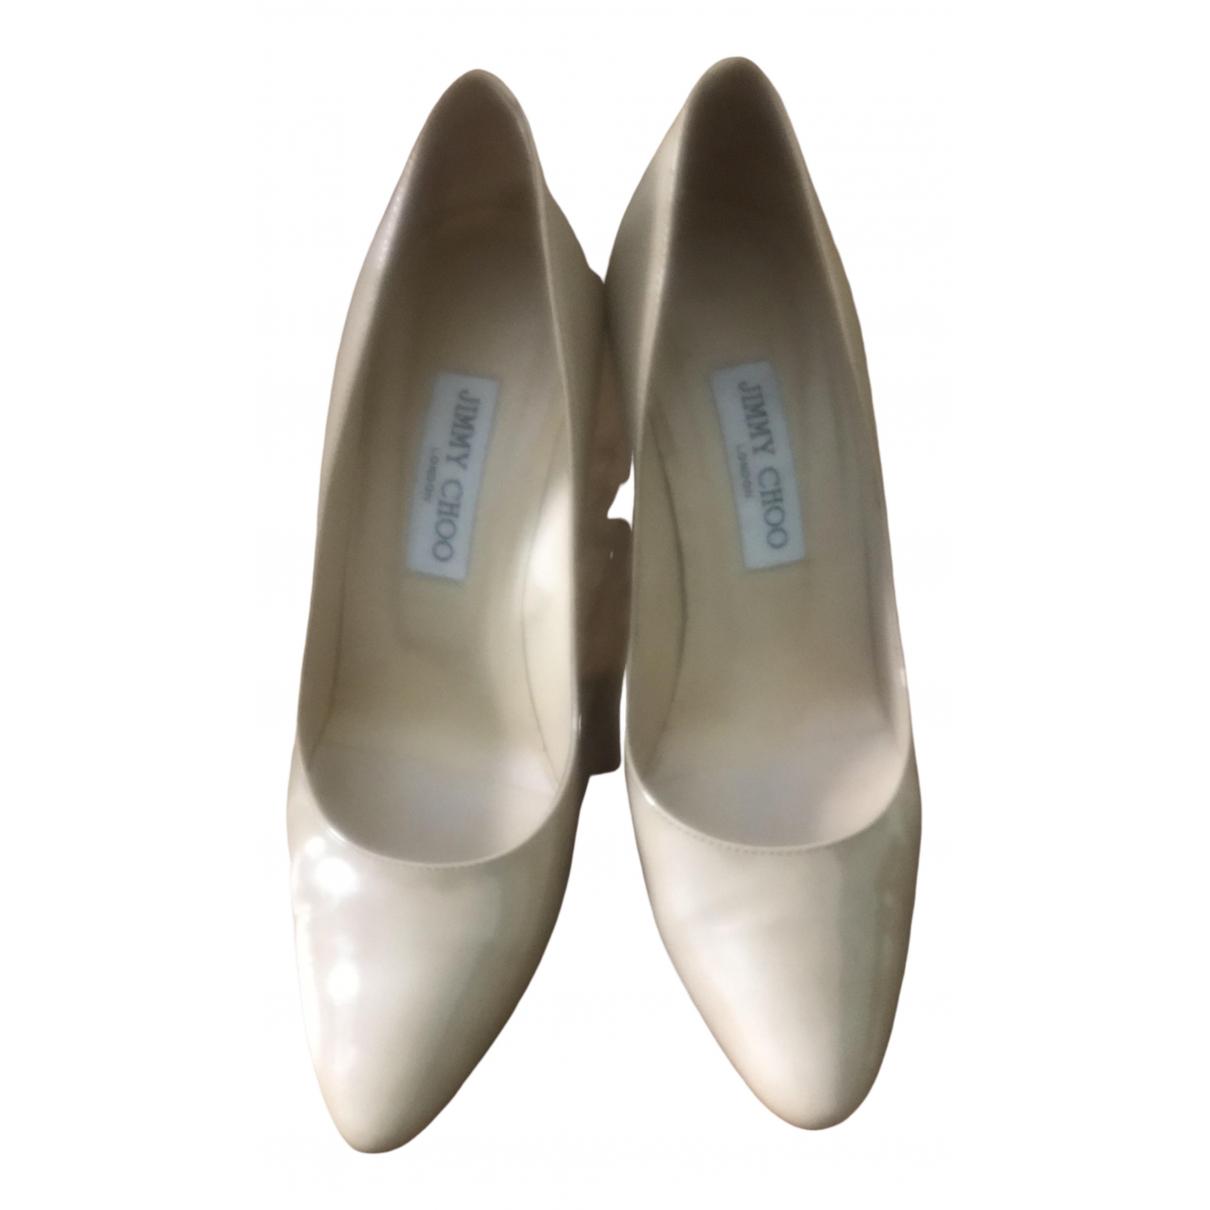 Jimmy Choo Esme Beige Patent leather Heels for Women 39 EU